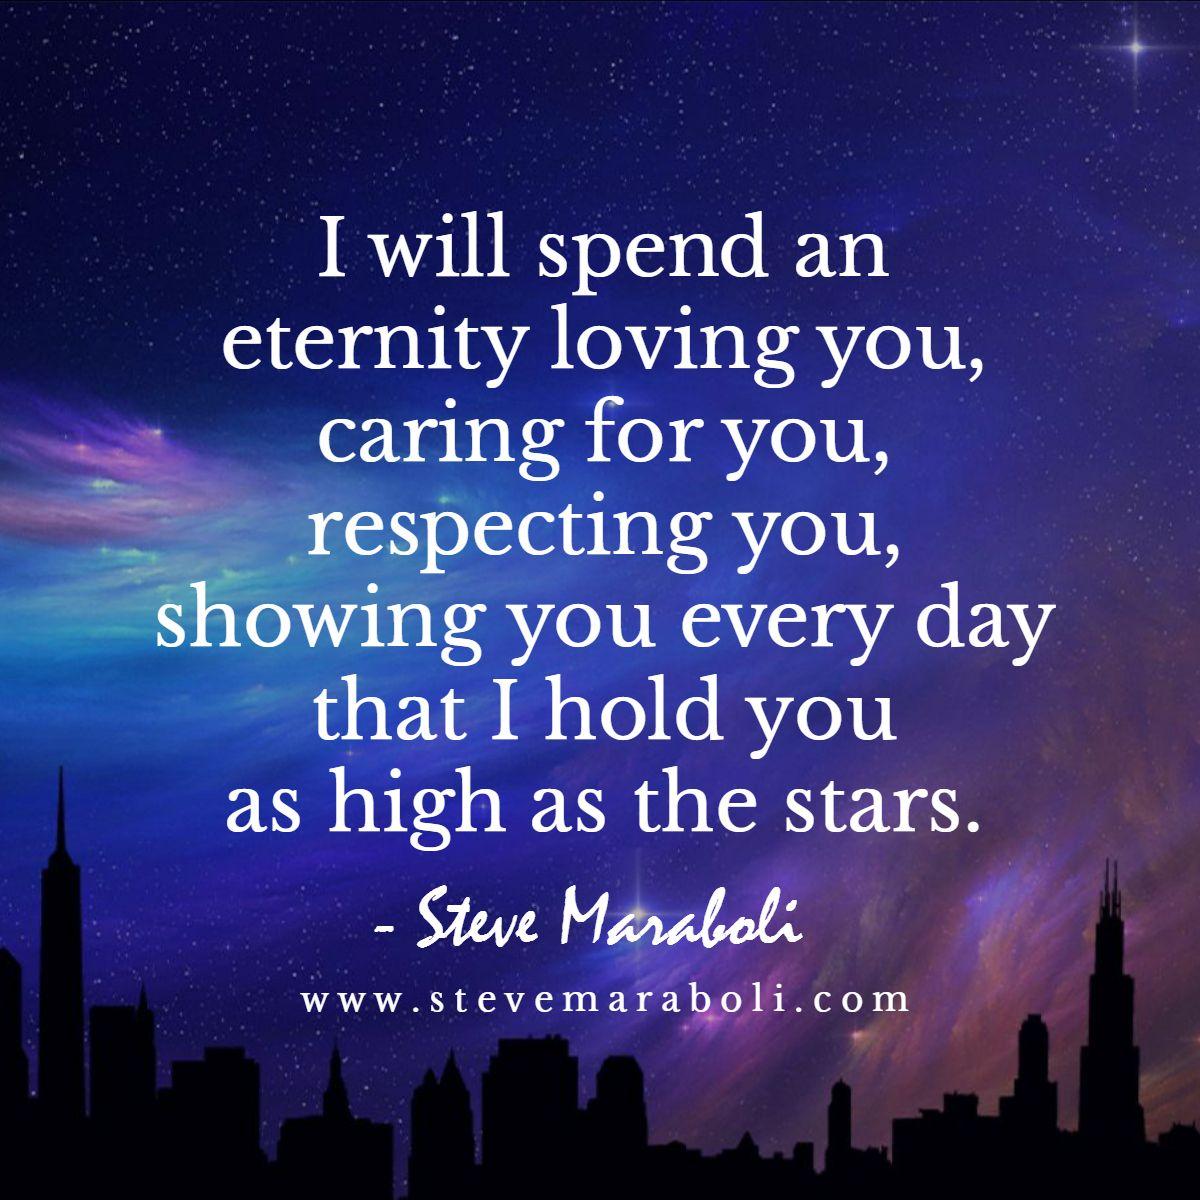 Soul Love Quotes Soul Mate  Steve Maraboli  Love & Relationships  Pinterest